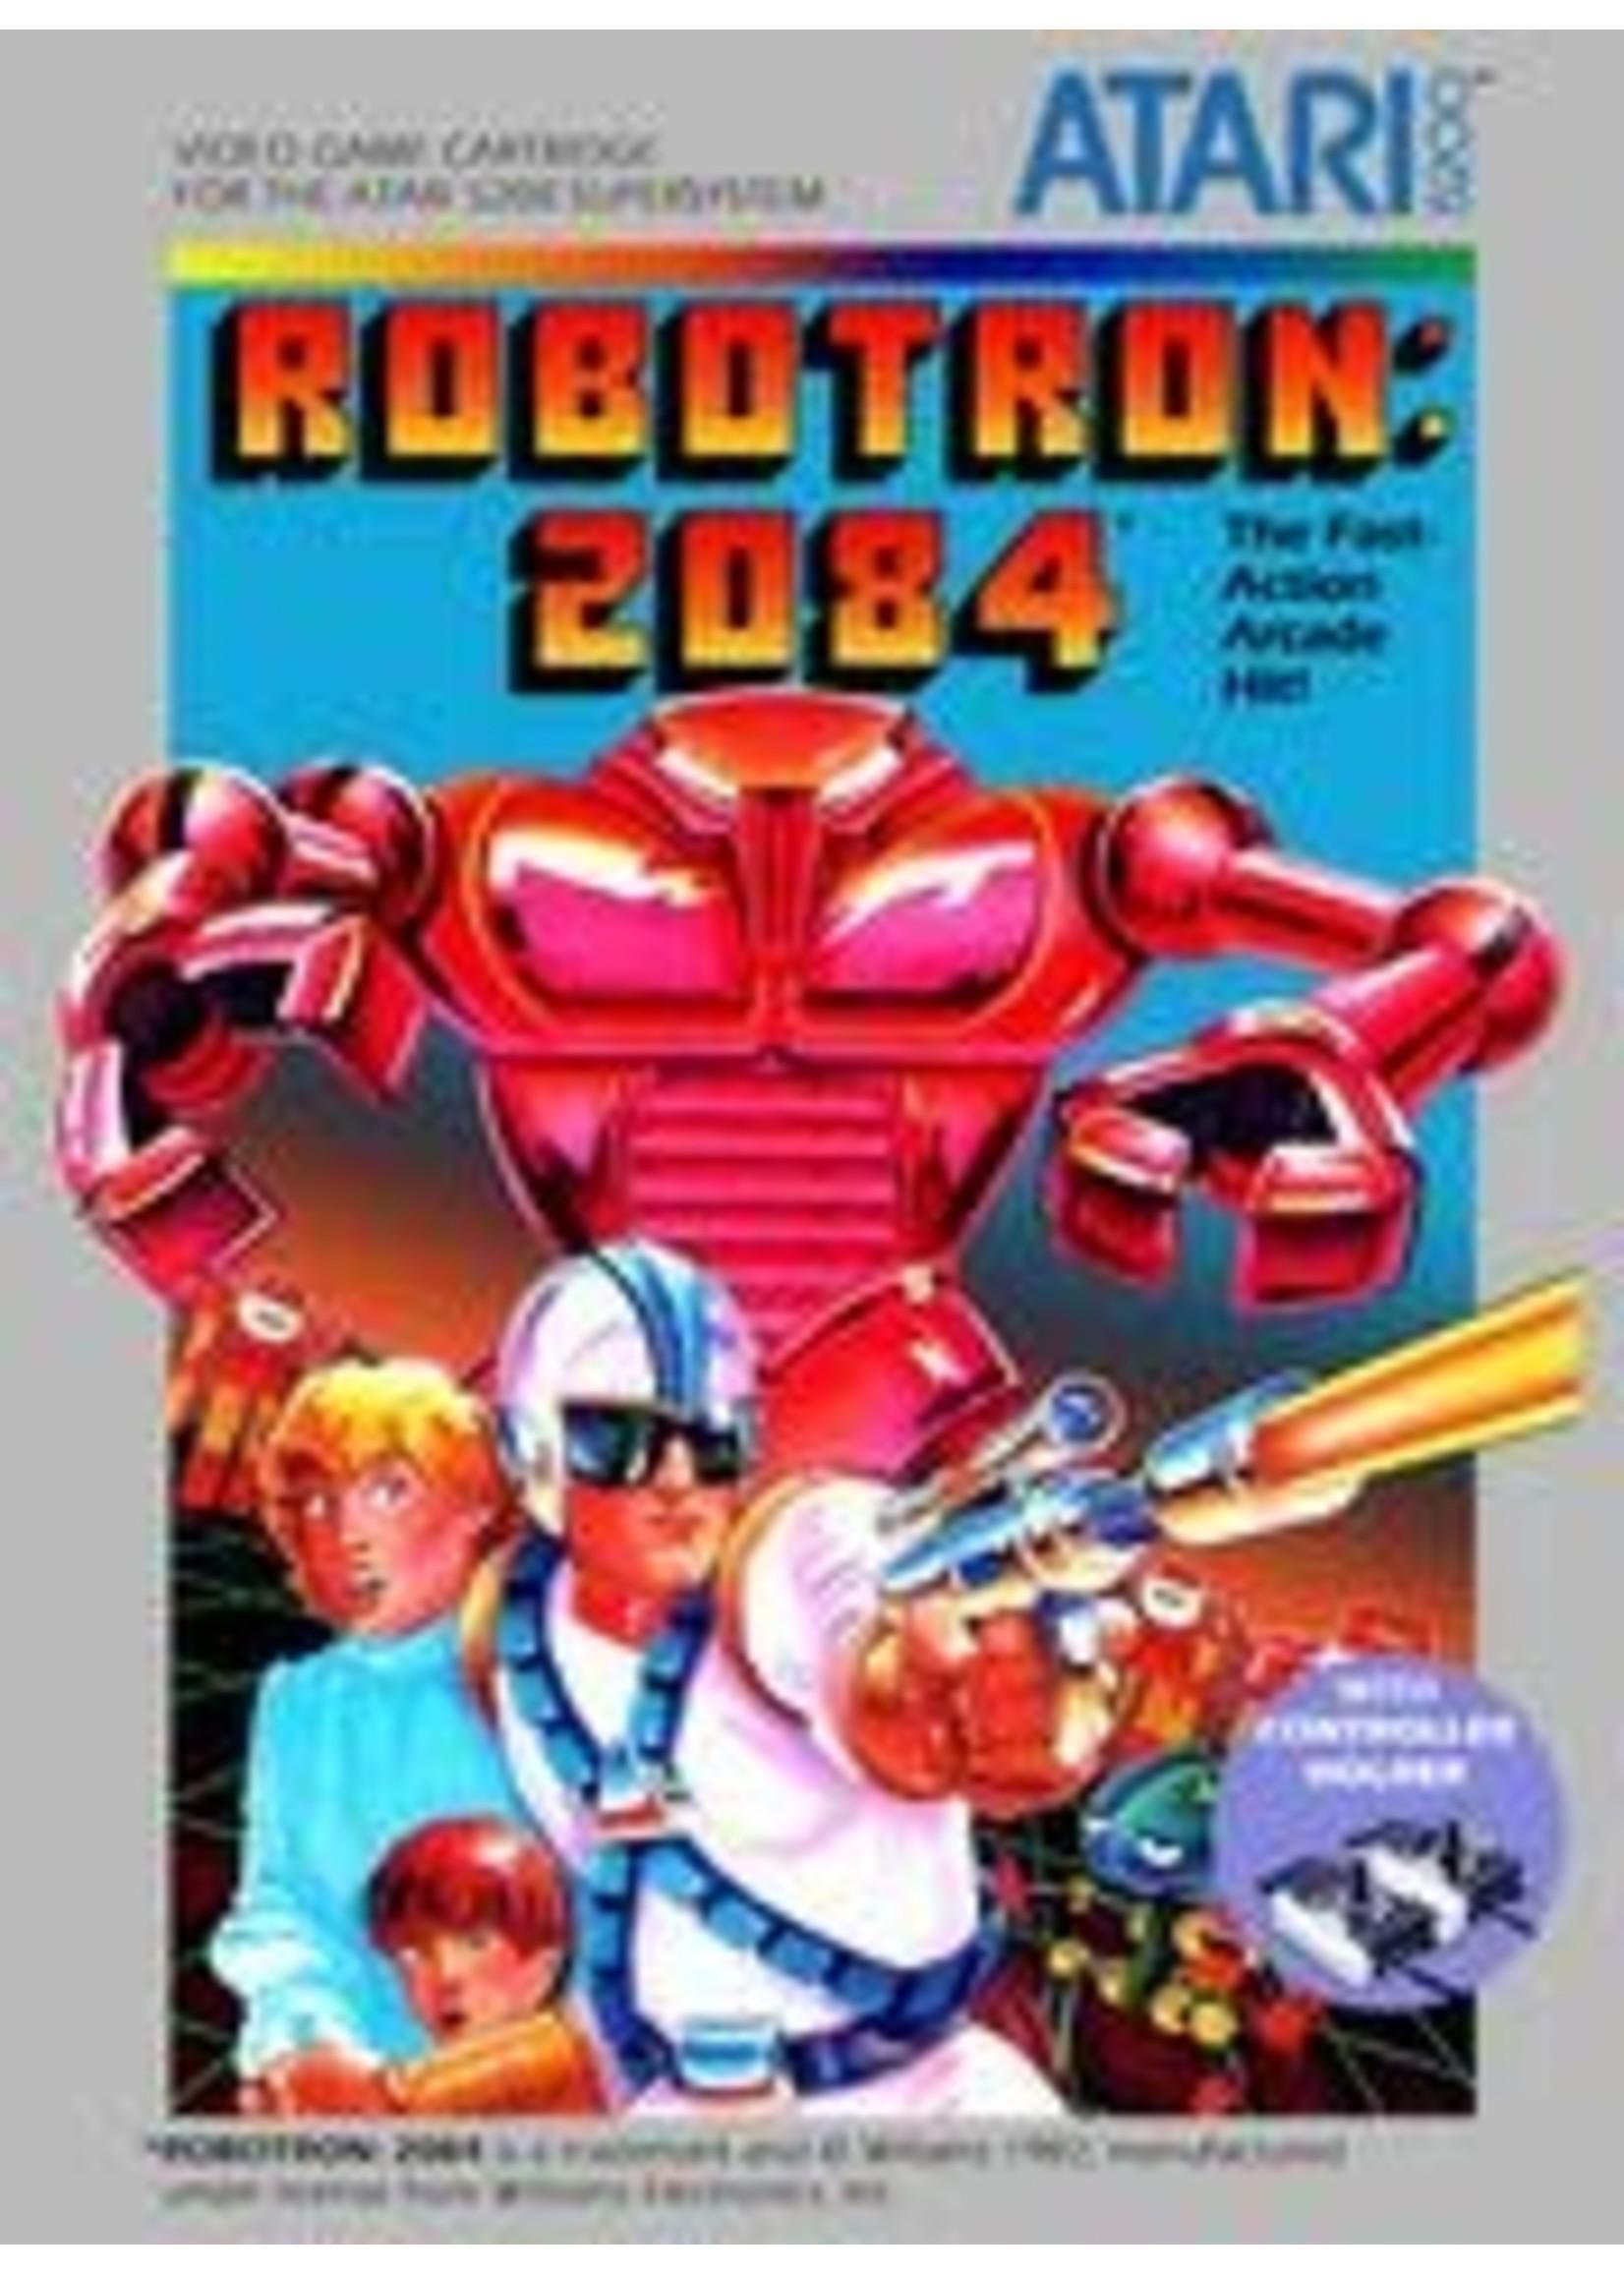 Robotron: 2084 Atari 5200